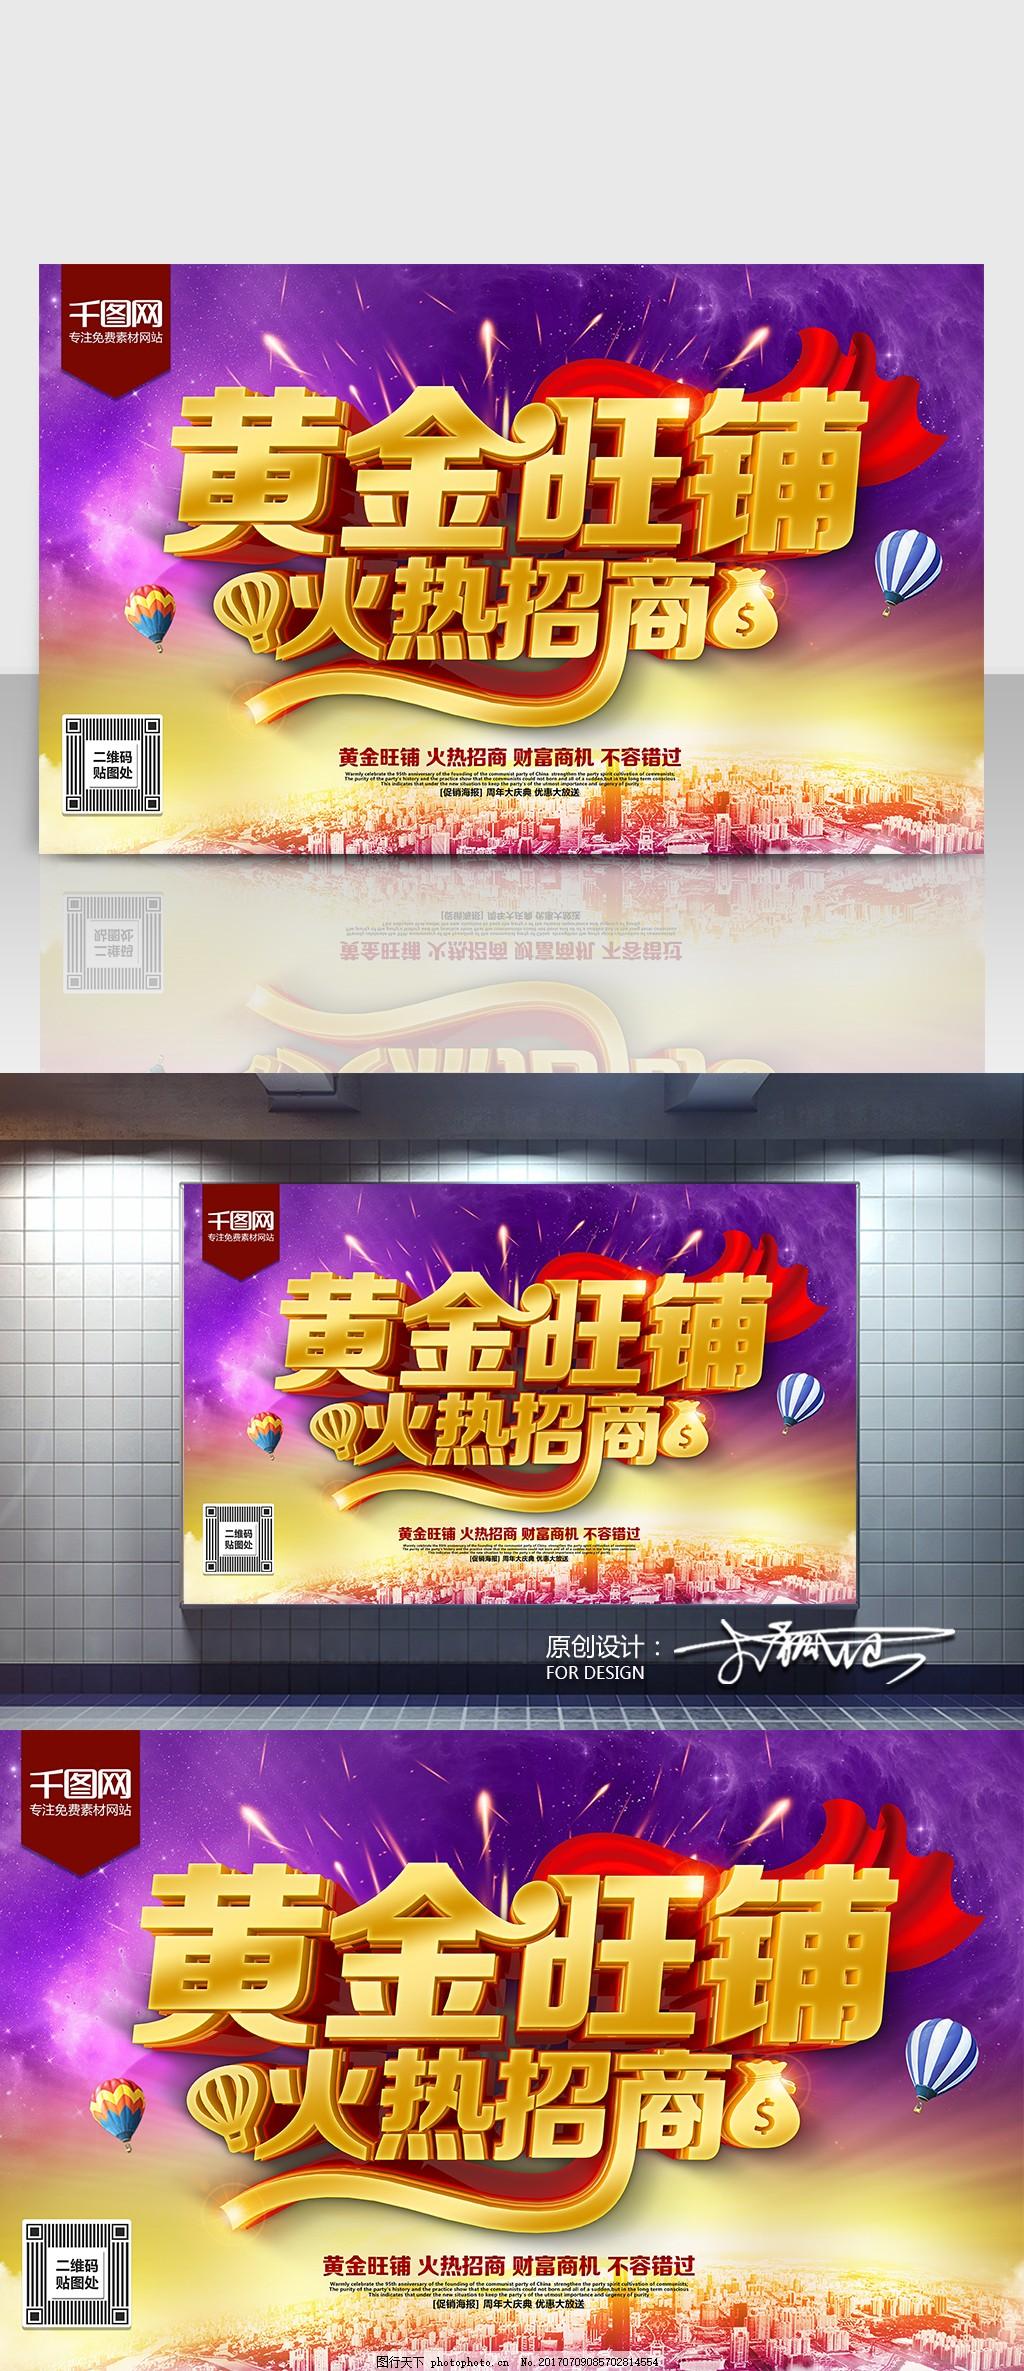 黄金旺铺海报 C4D精品渲染艺术字主题 招商广告 招商加盟 招商素材